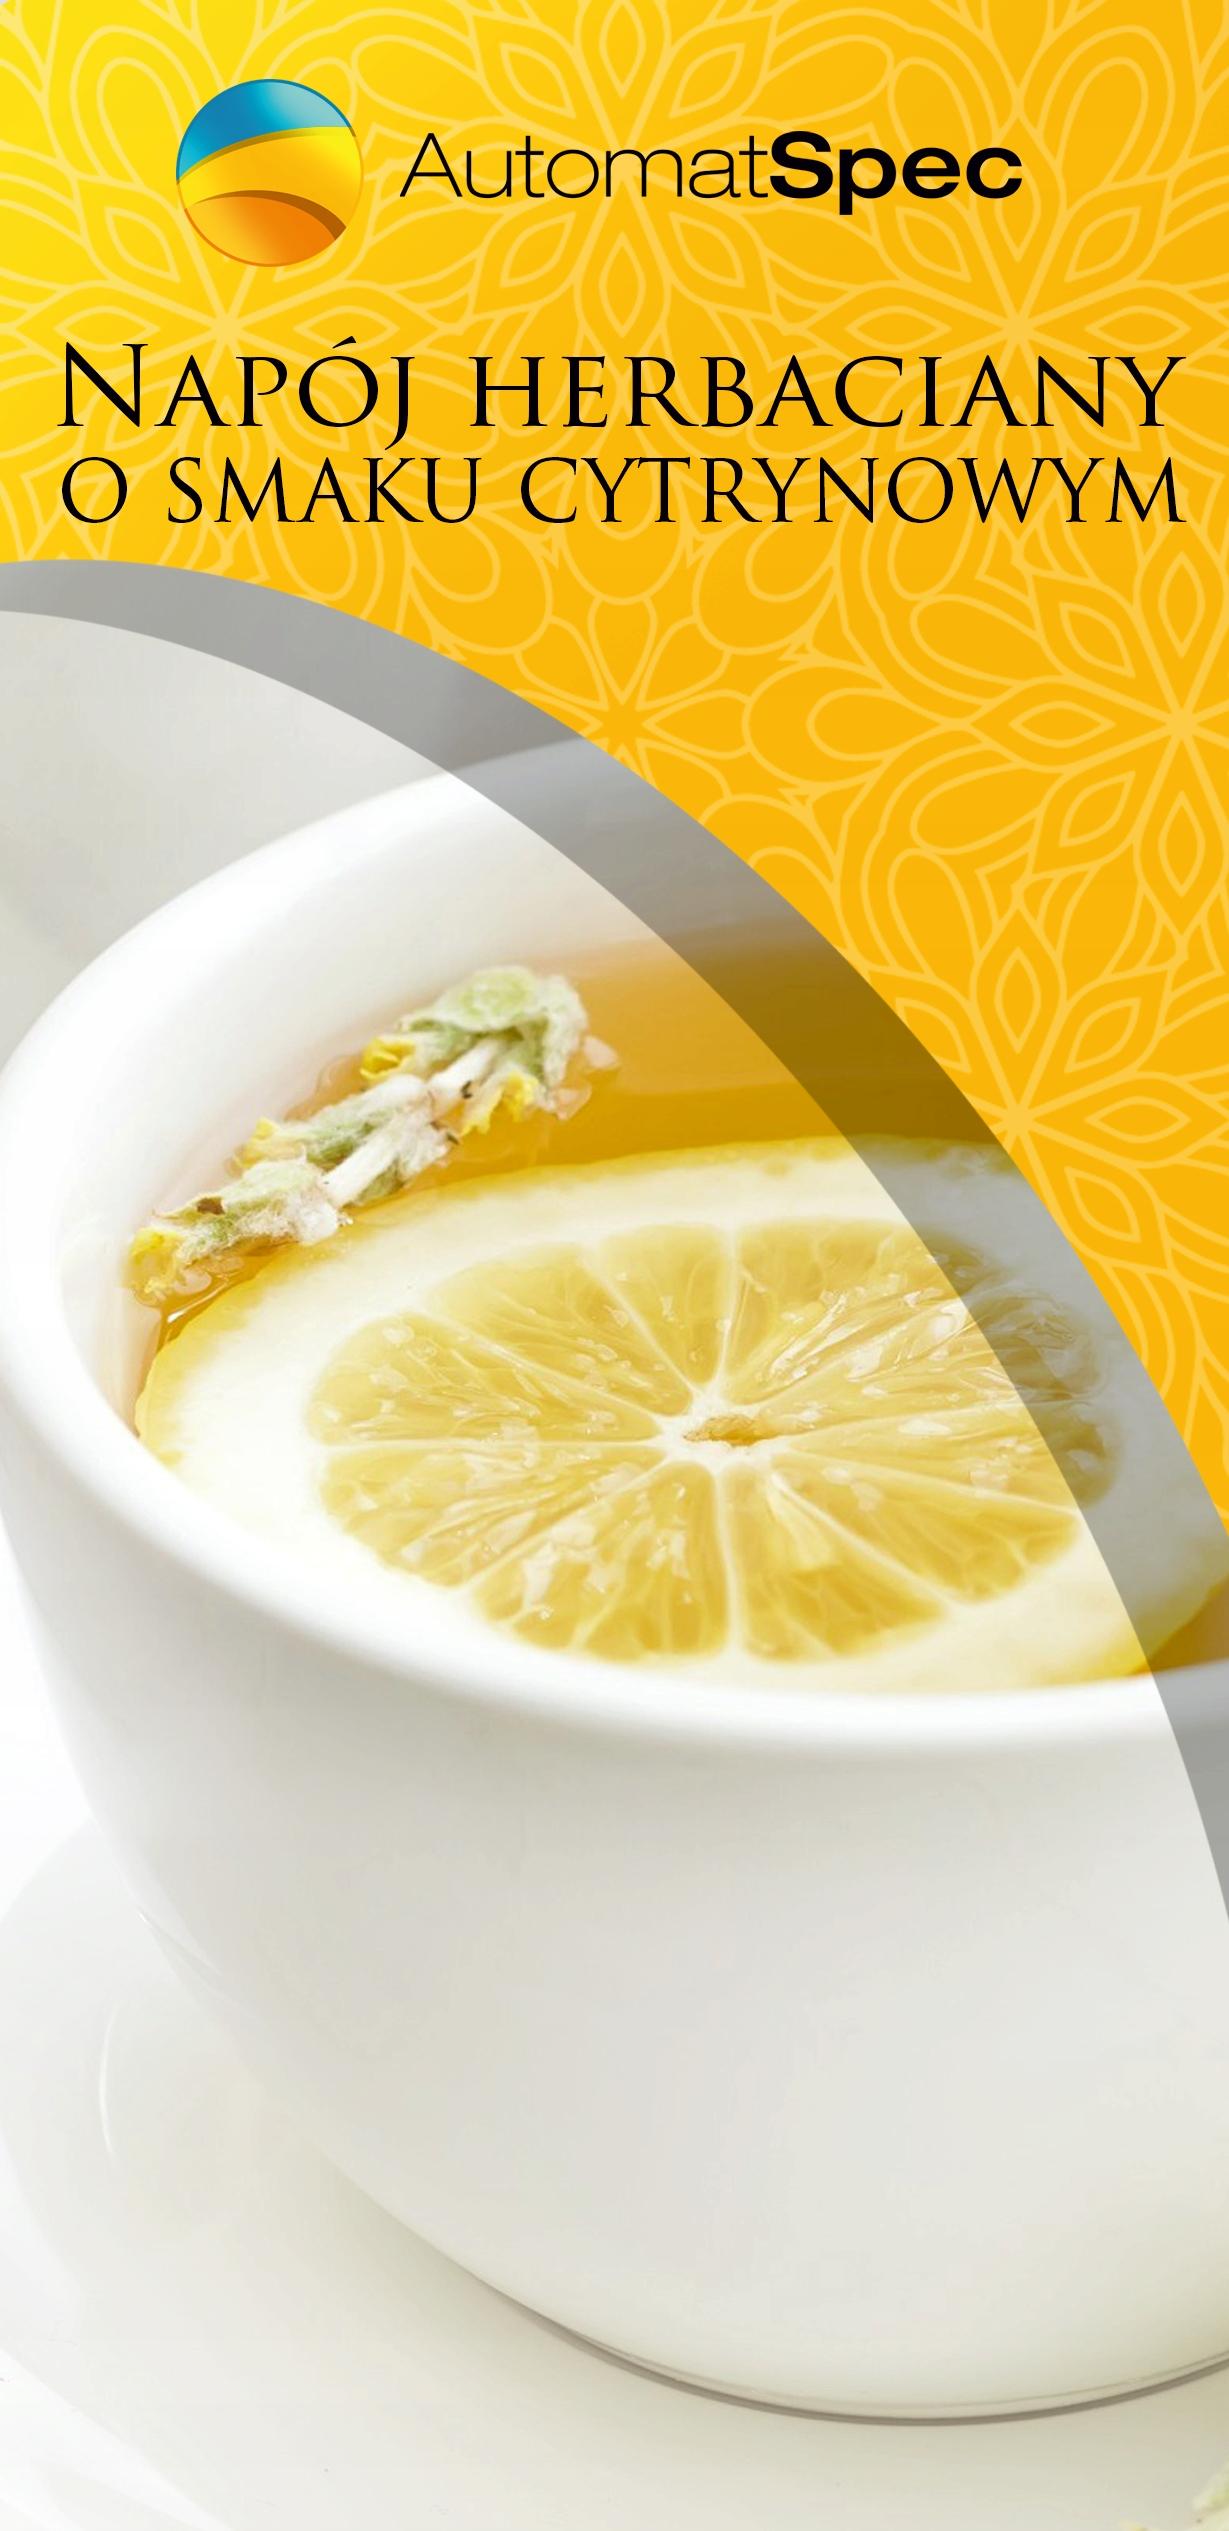 MOKATE herbata cytrynowa instant rozpuszczalna 1kg